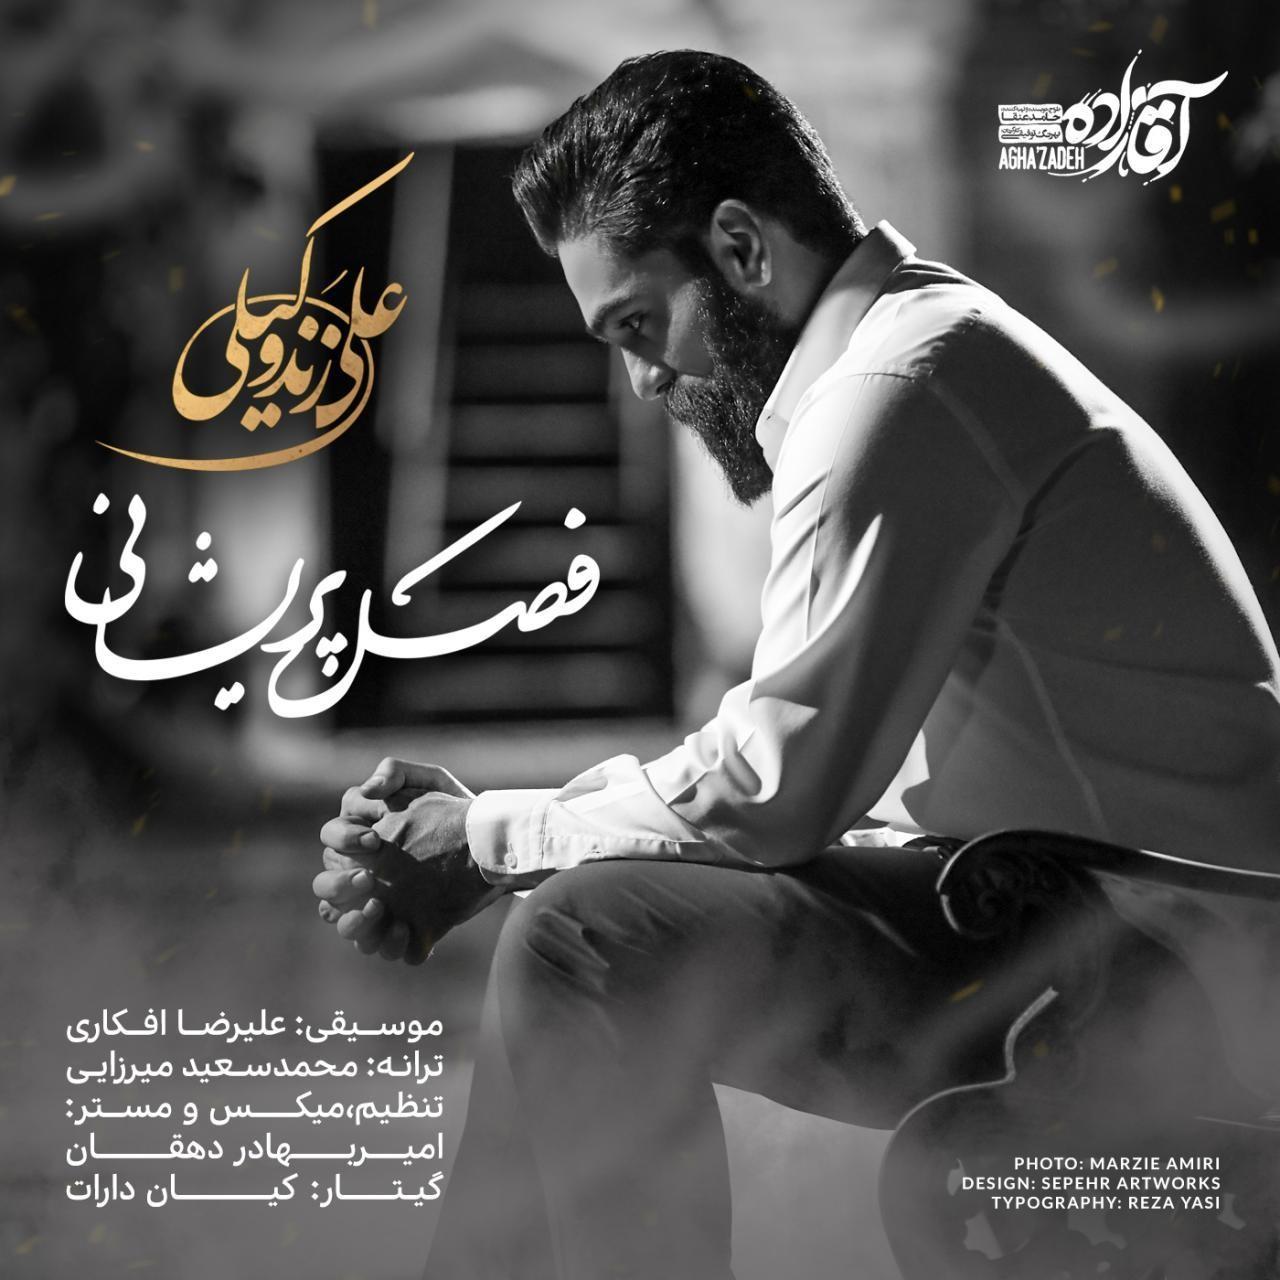 دانلود موزیک جدید فصل پریشانی از علی زند وکیلی